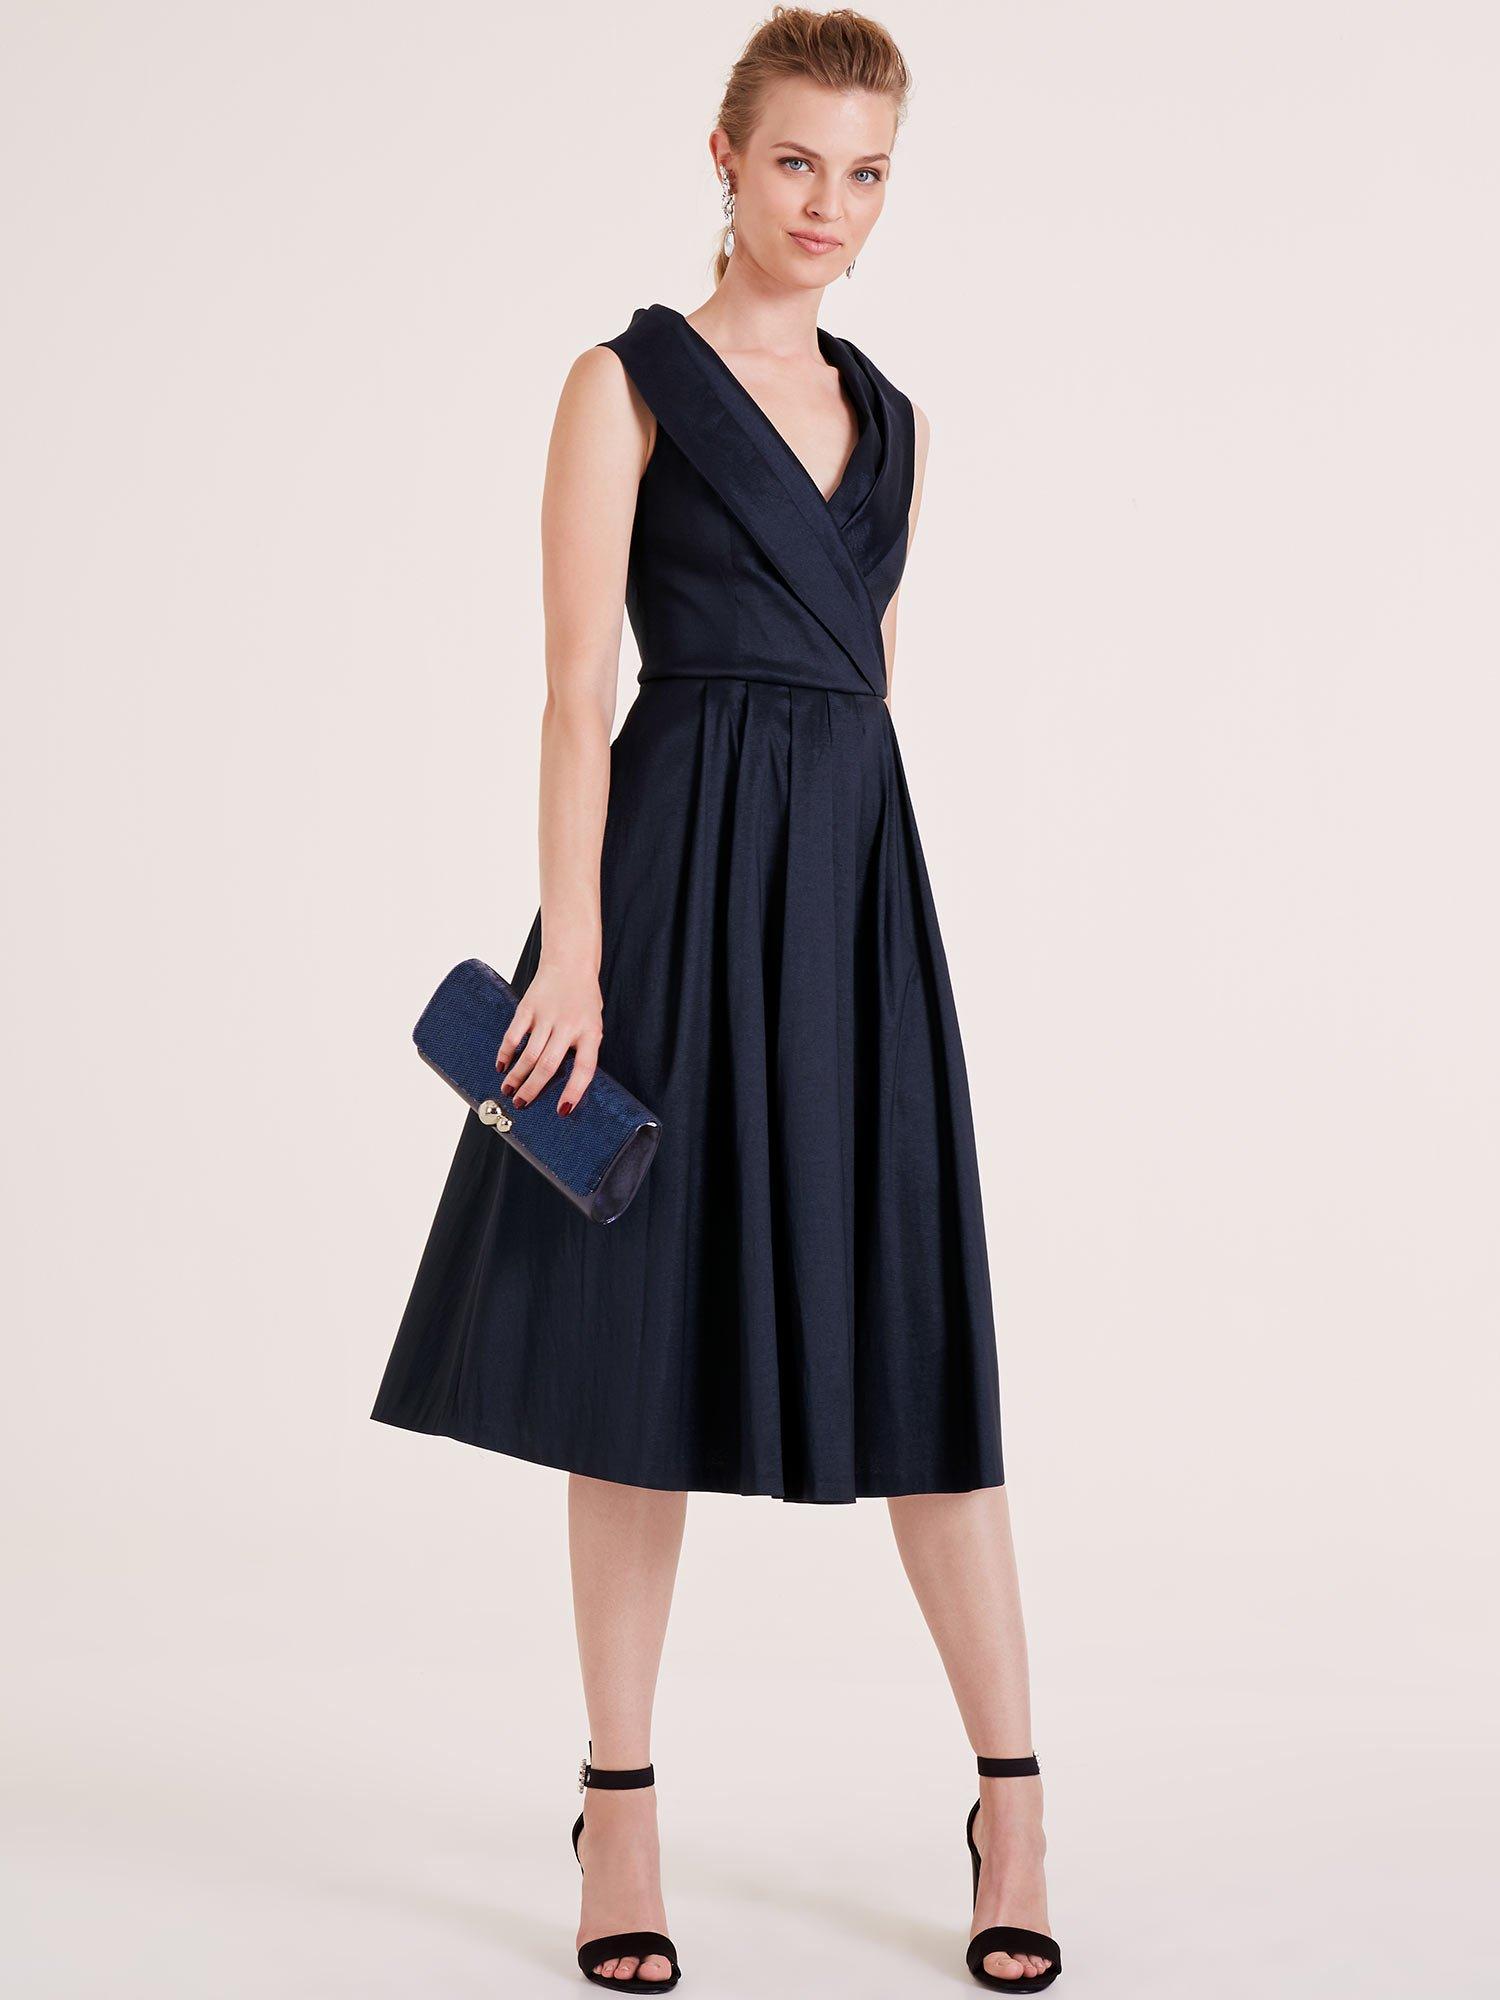 Frau in dunkelblauem Abendkleid.